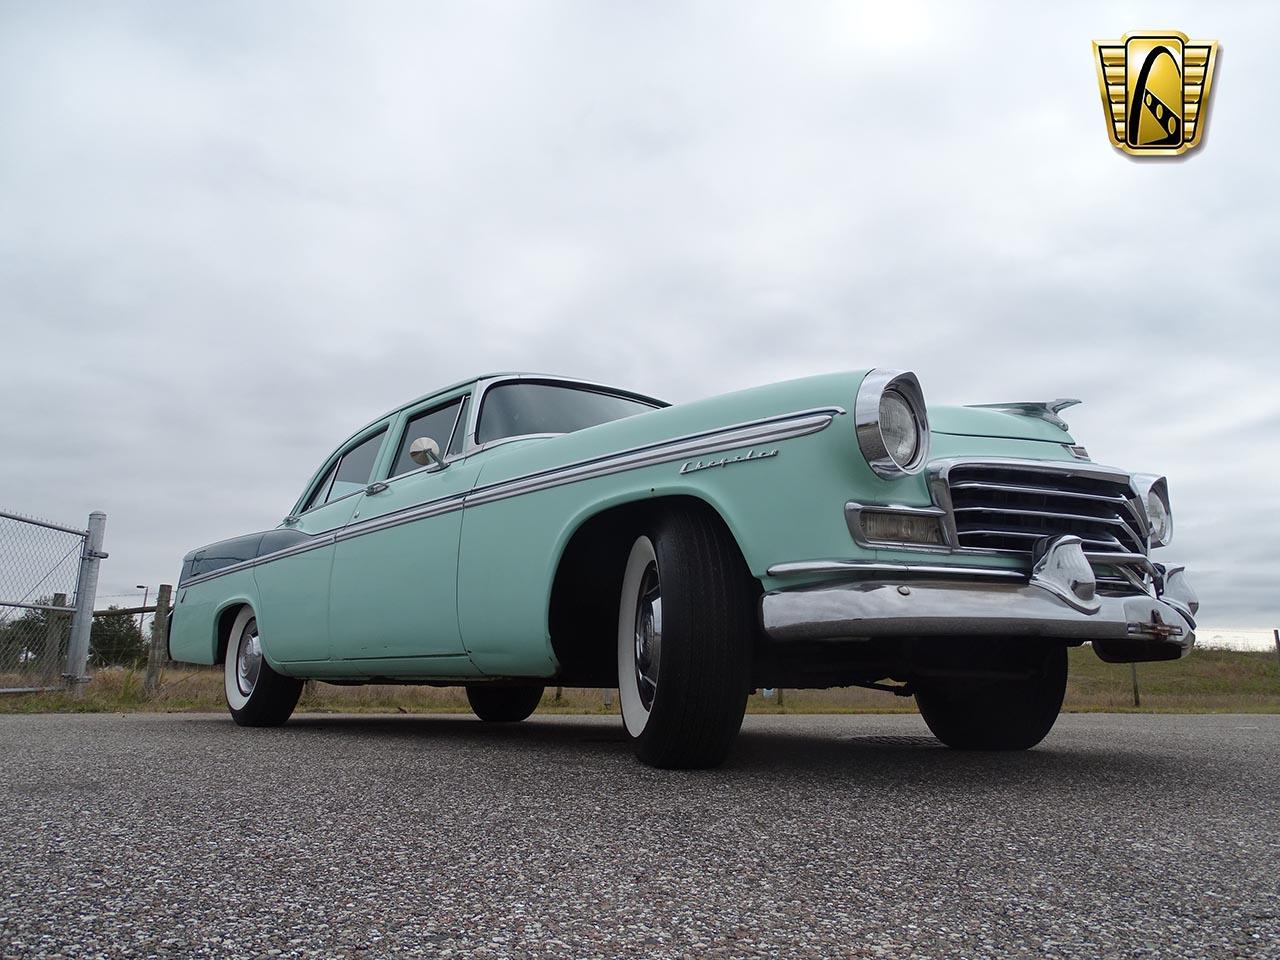 1956 Chrysler Windsor 32